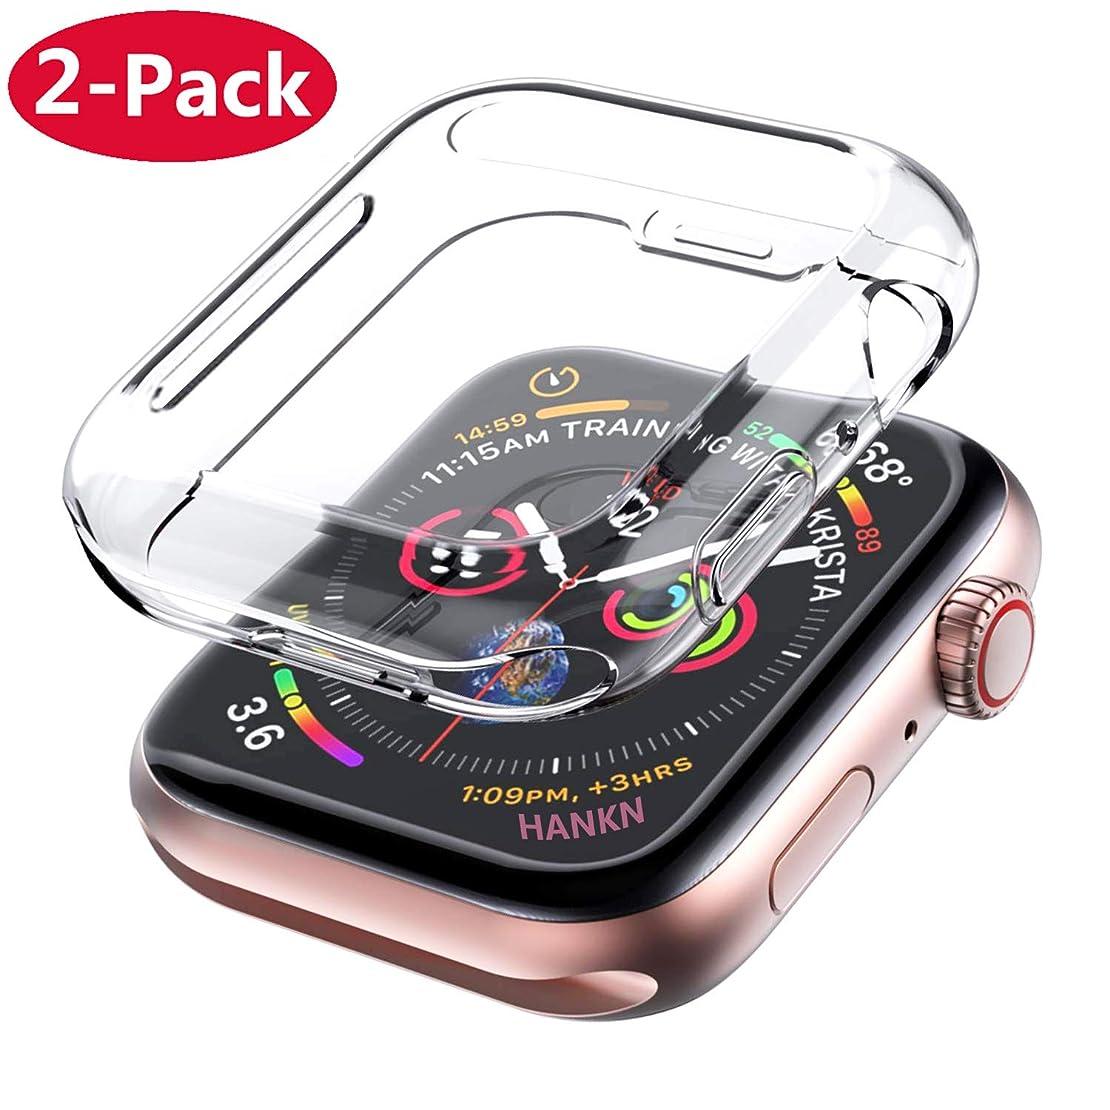 ペグ協定不平を言う[2枚] アップル ウォッチ シリーズ 4 / シリーズ 5 カバー 40mm 透明 ケース クリア 全面保護 超薄い 透明 TPU 全面保護ケースと周り保護 ケース 耐衝撃性 高感度 Iwatch時計Apple Watch Series 4 5 Case